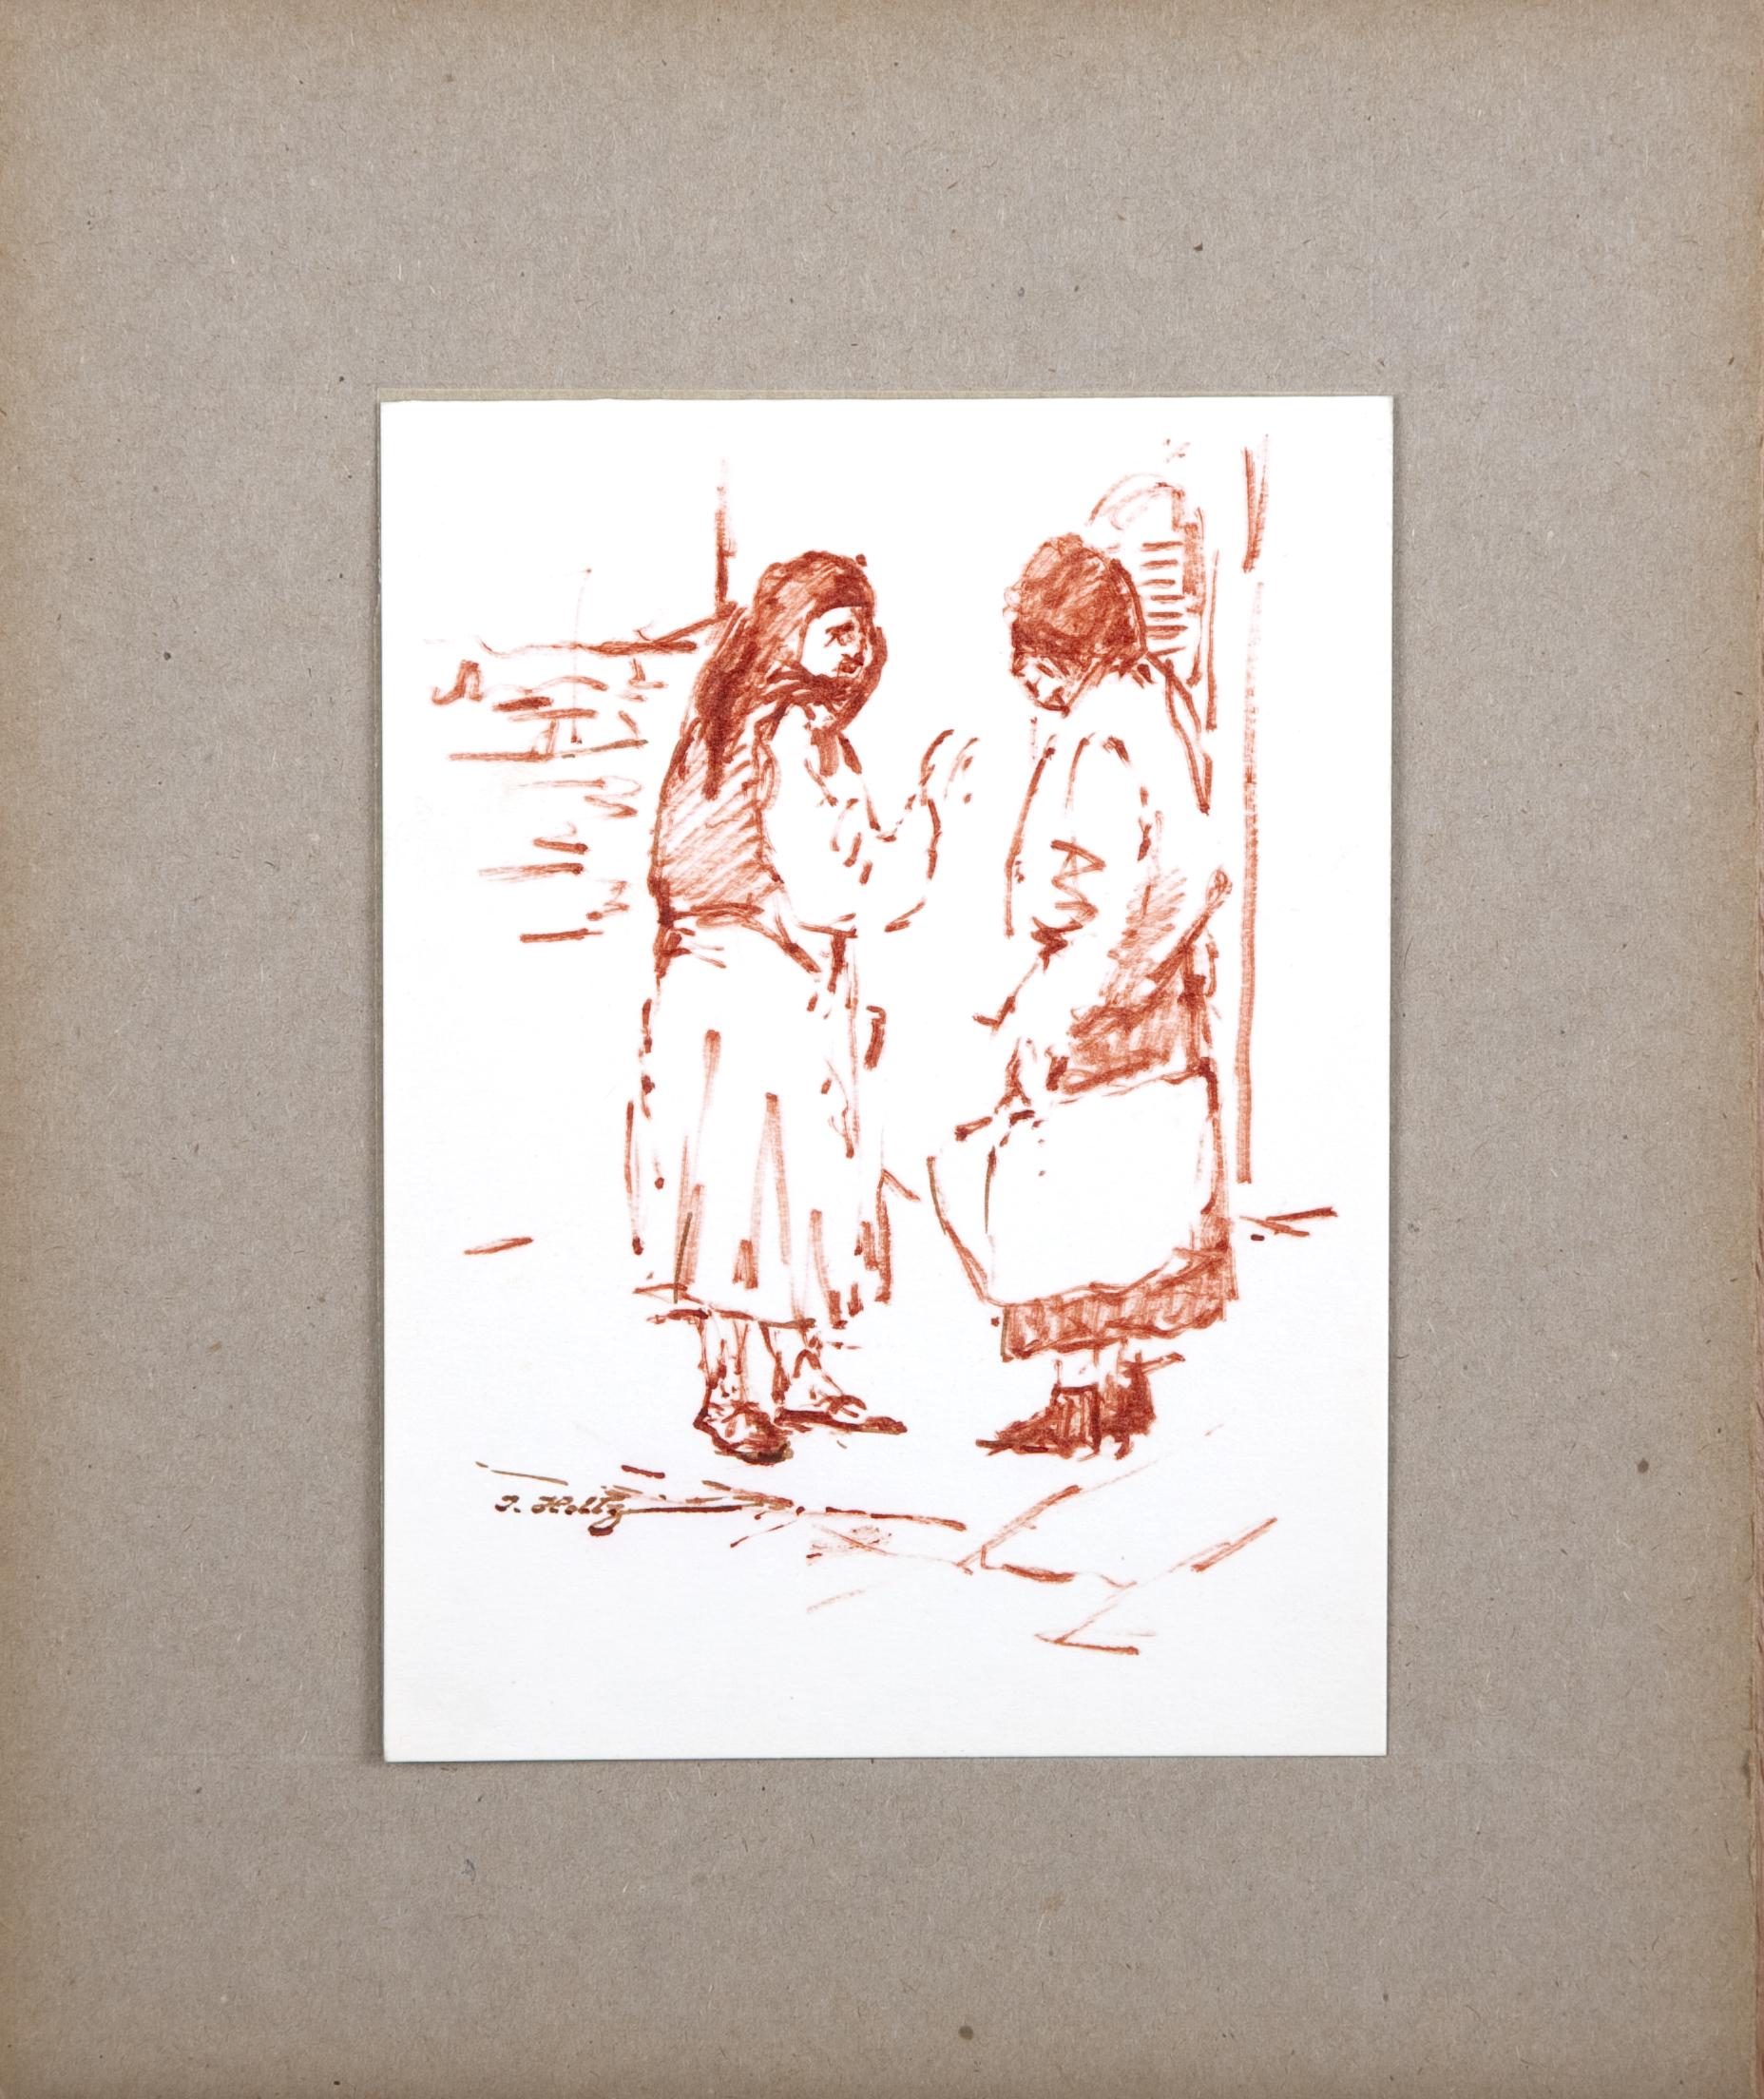 D19 Gossiping - Sepia Marker - 5.25 x 7 - Matt: 9 x 11 - No Frame